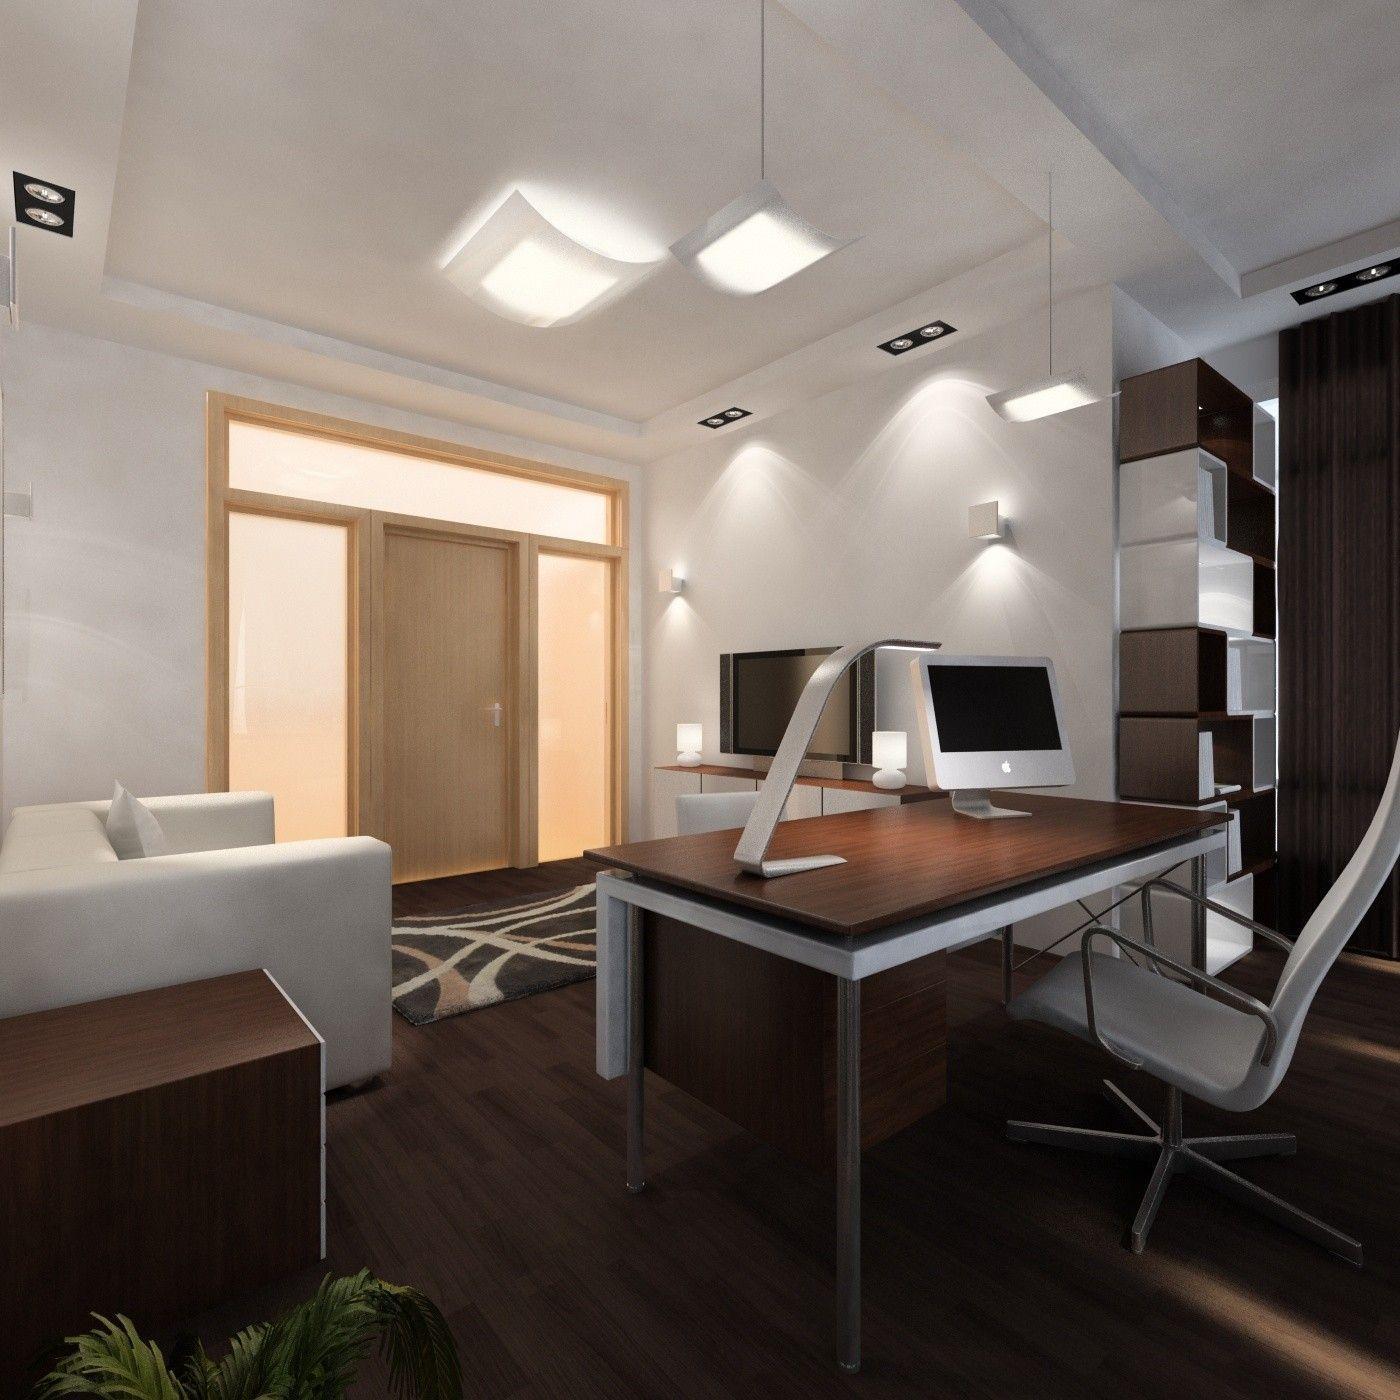 Интерьер комнаты в современном стиле в коричневых тонах